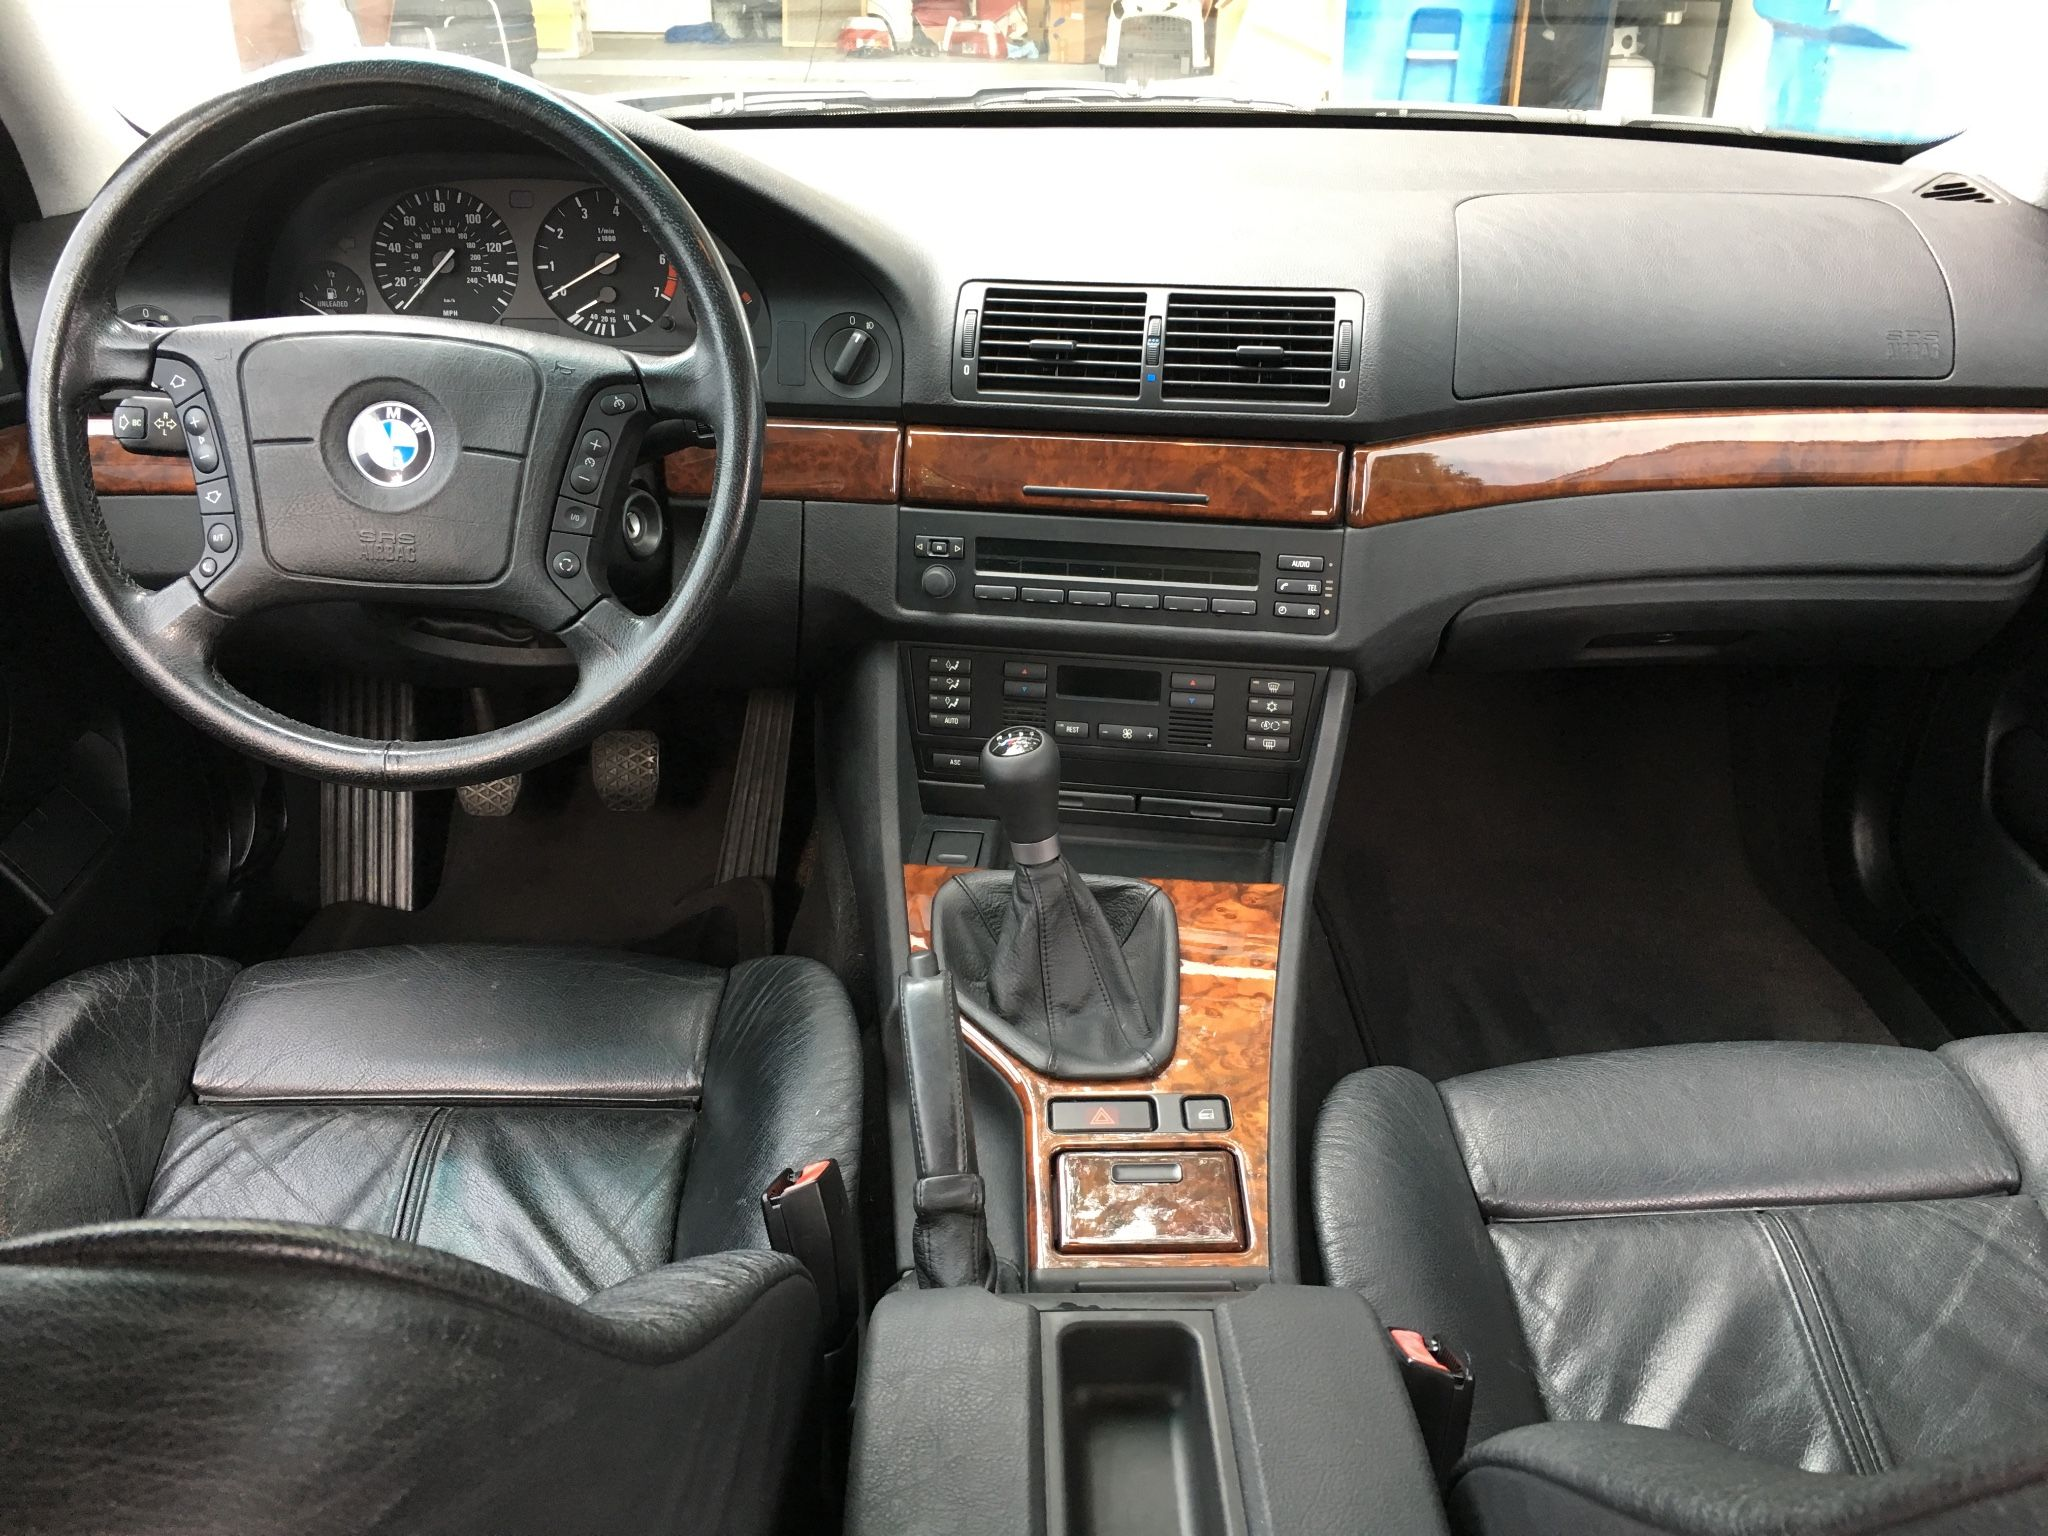 1998 BMW 540i Sport 6-Speed   BMW E39   Bmw 540, Bmw, Bmw e39